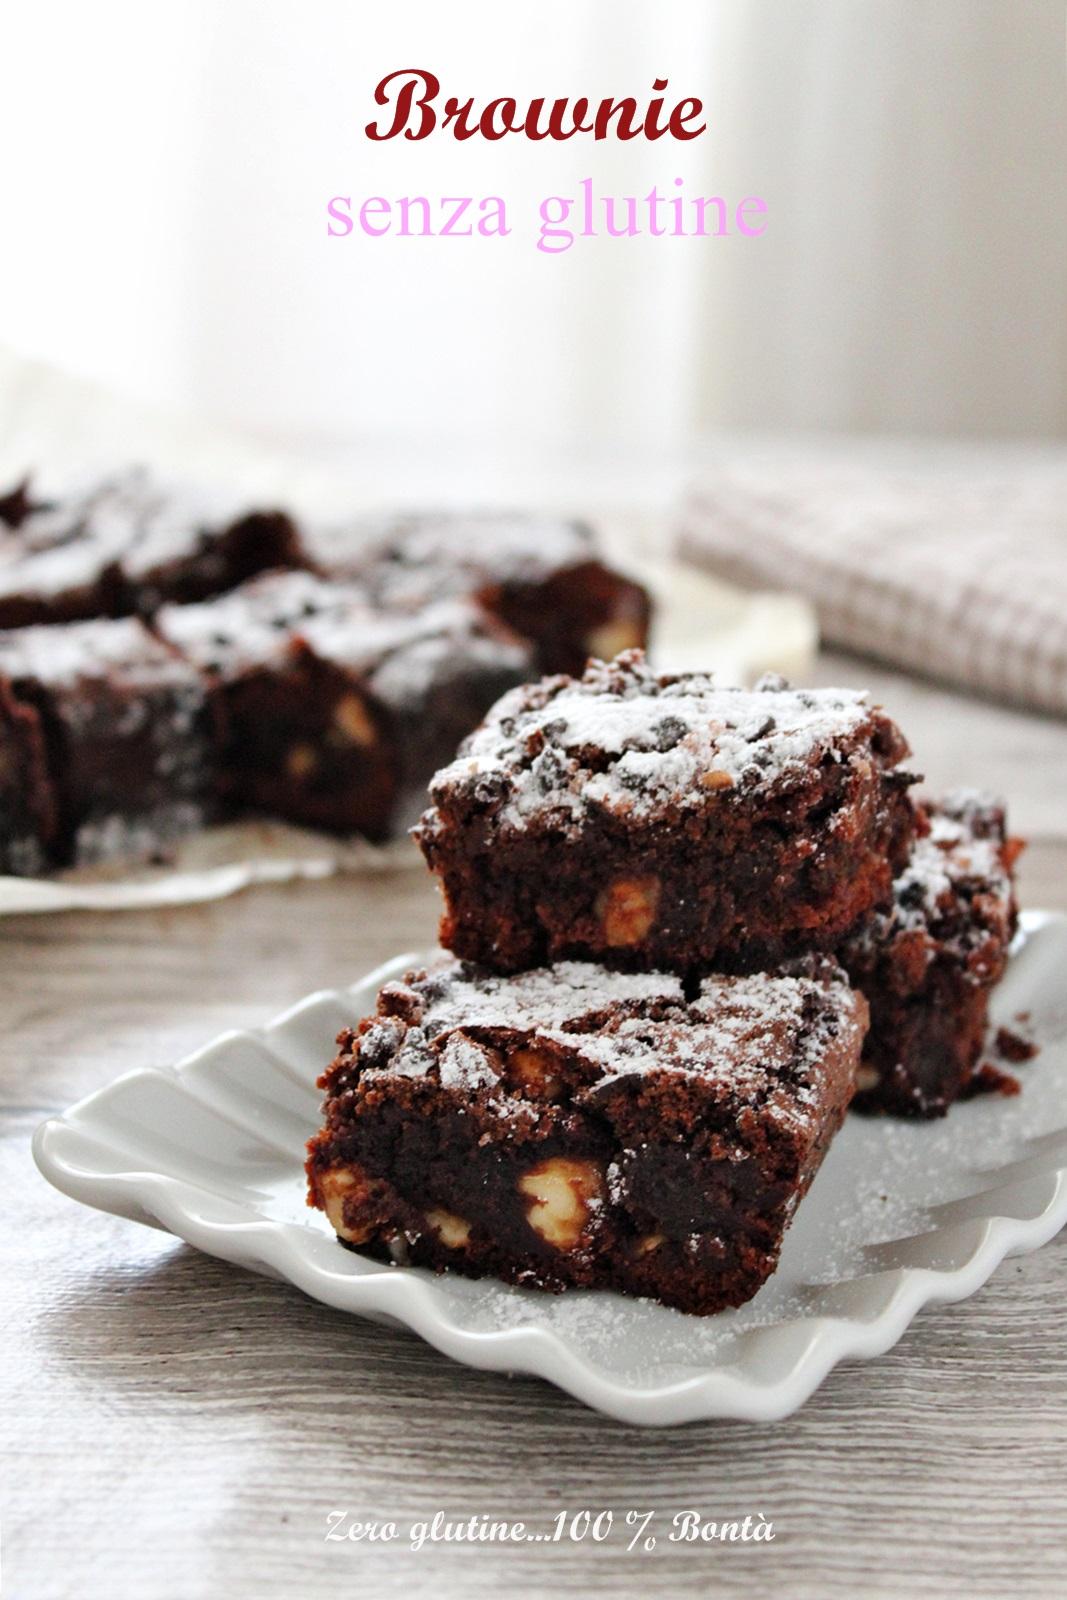 Brownie Al Cioccolato E Nocciole Senza Glutine Ricetta Con Video